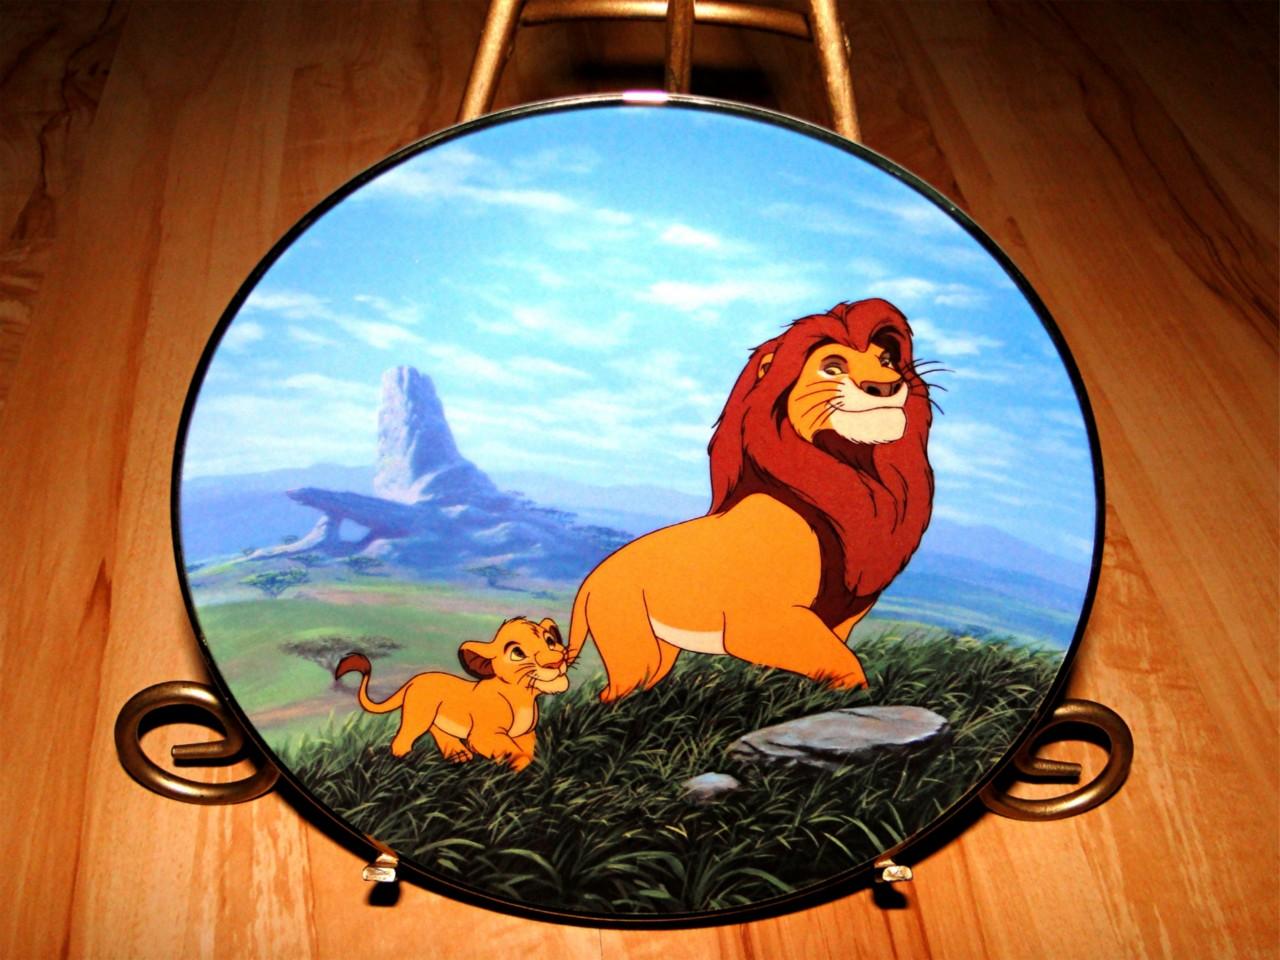 the lion king bradford exchange disney plate set lot ebay. Black Bedroom Furniture Sets. Home Design Ideas